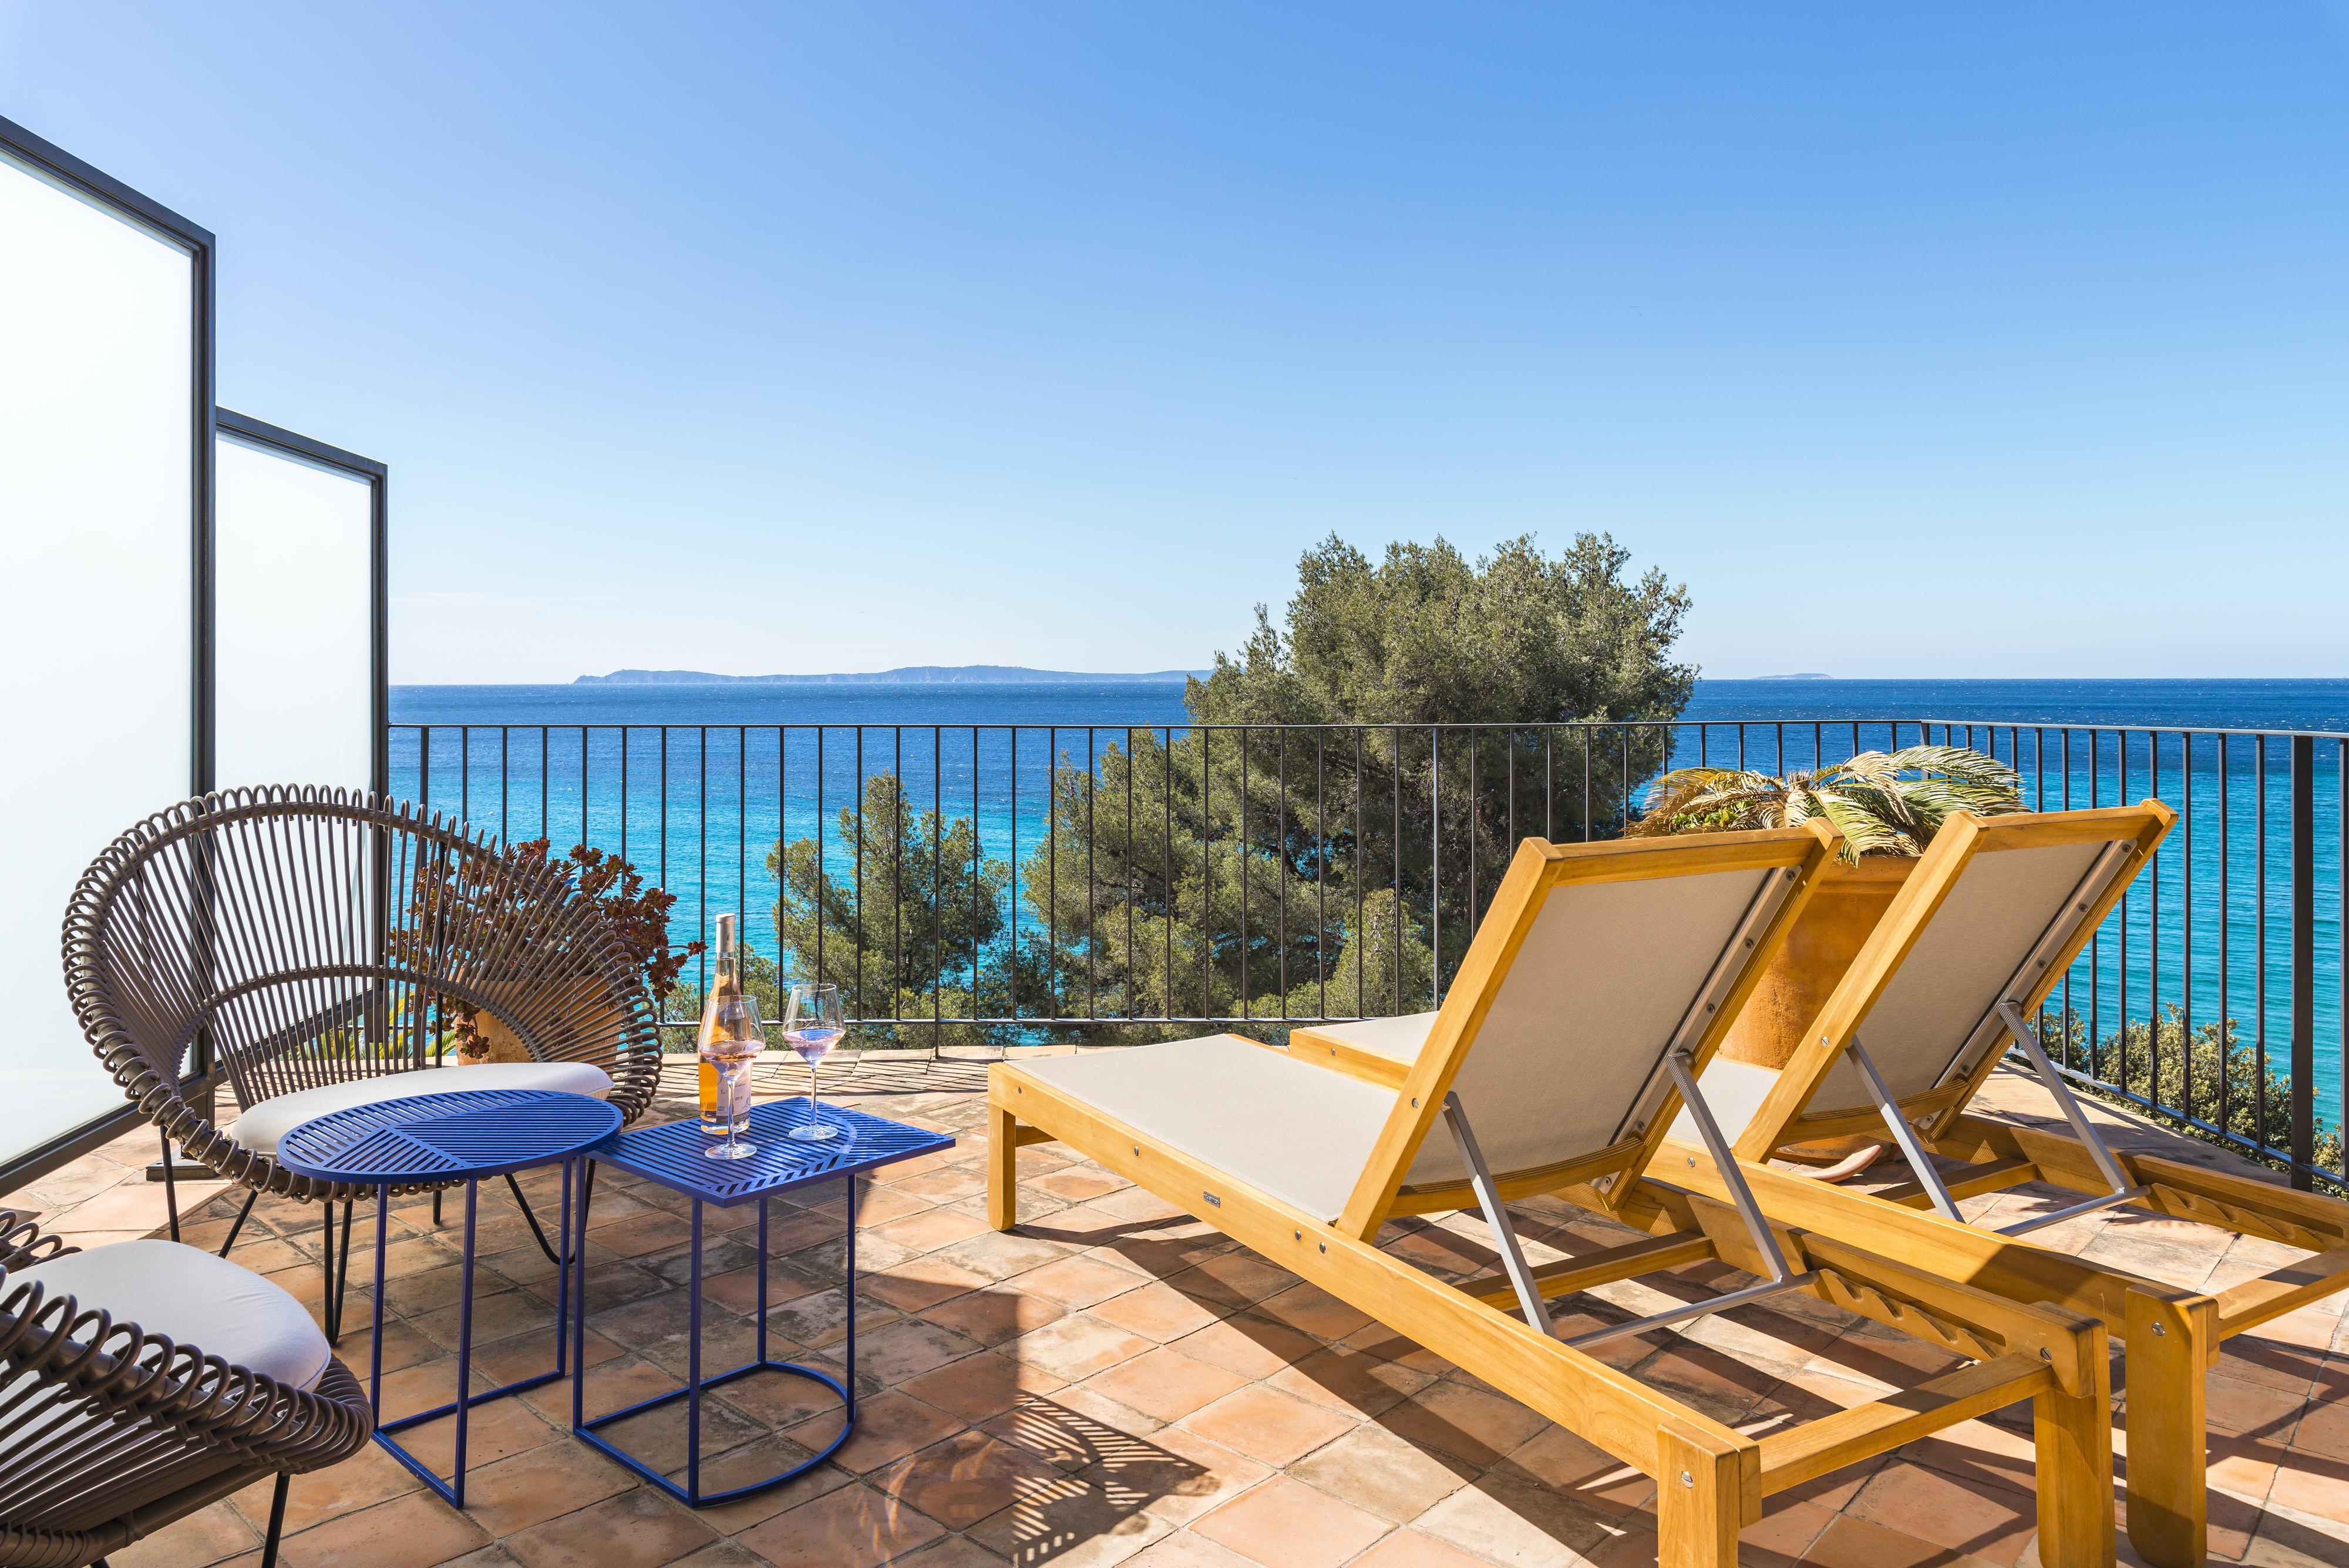 Hotel Golfe Saint-Tropez Le Bailli de Suffren